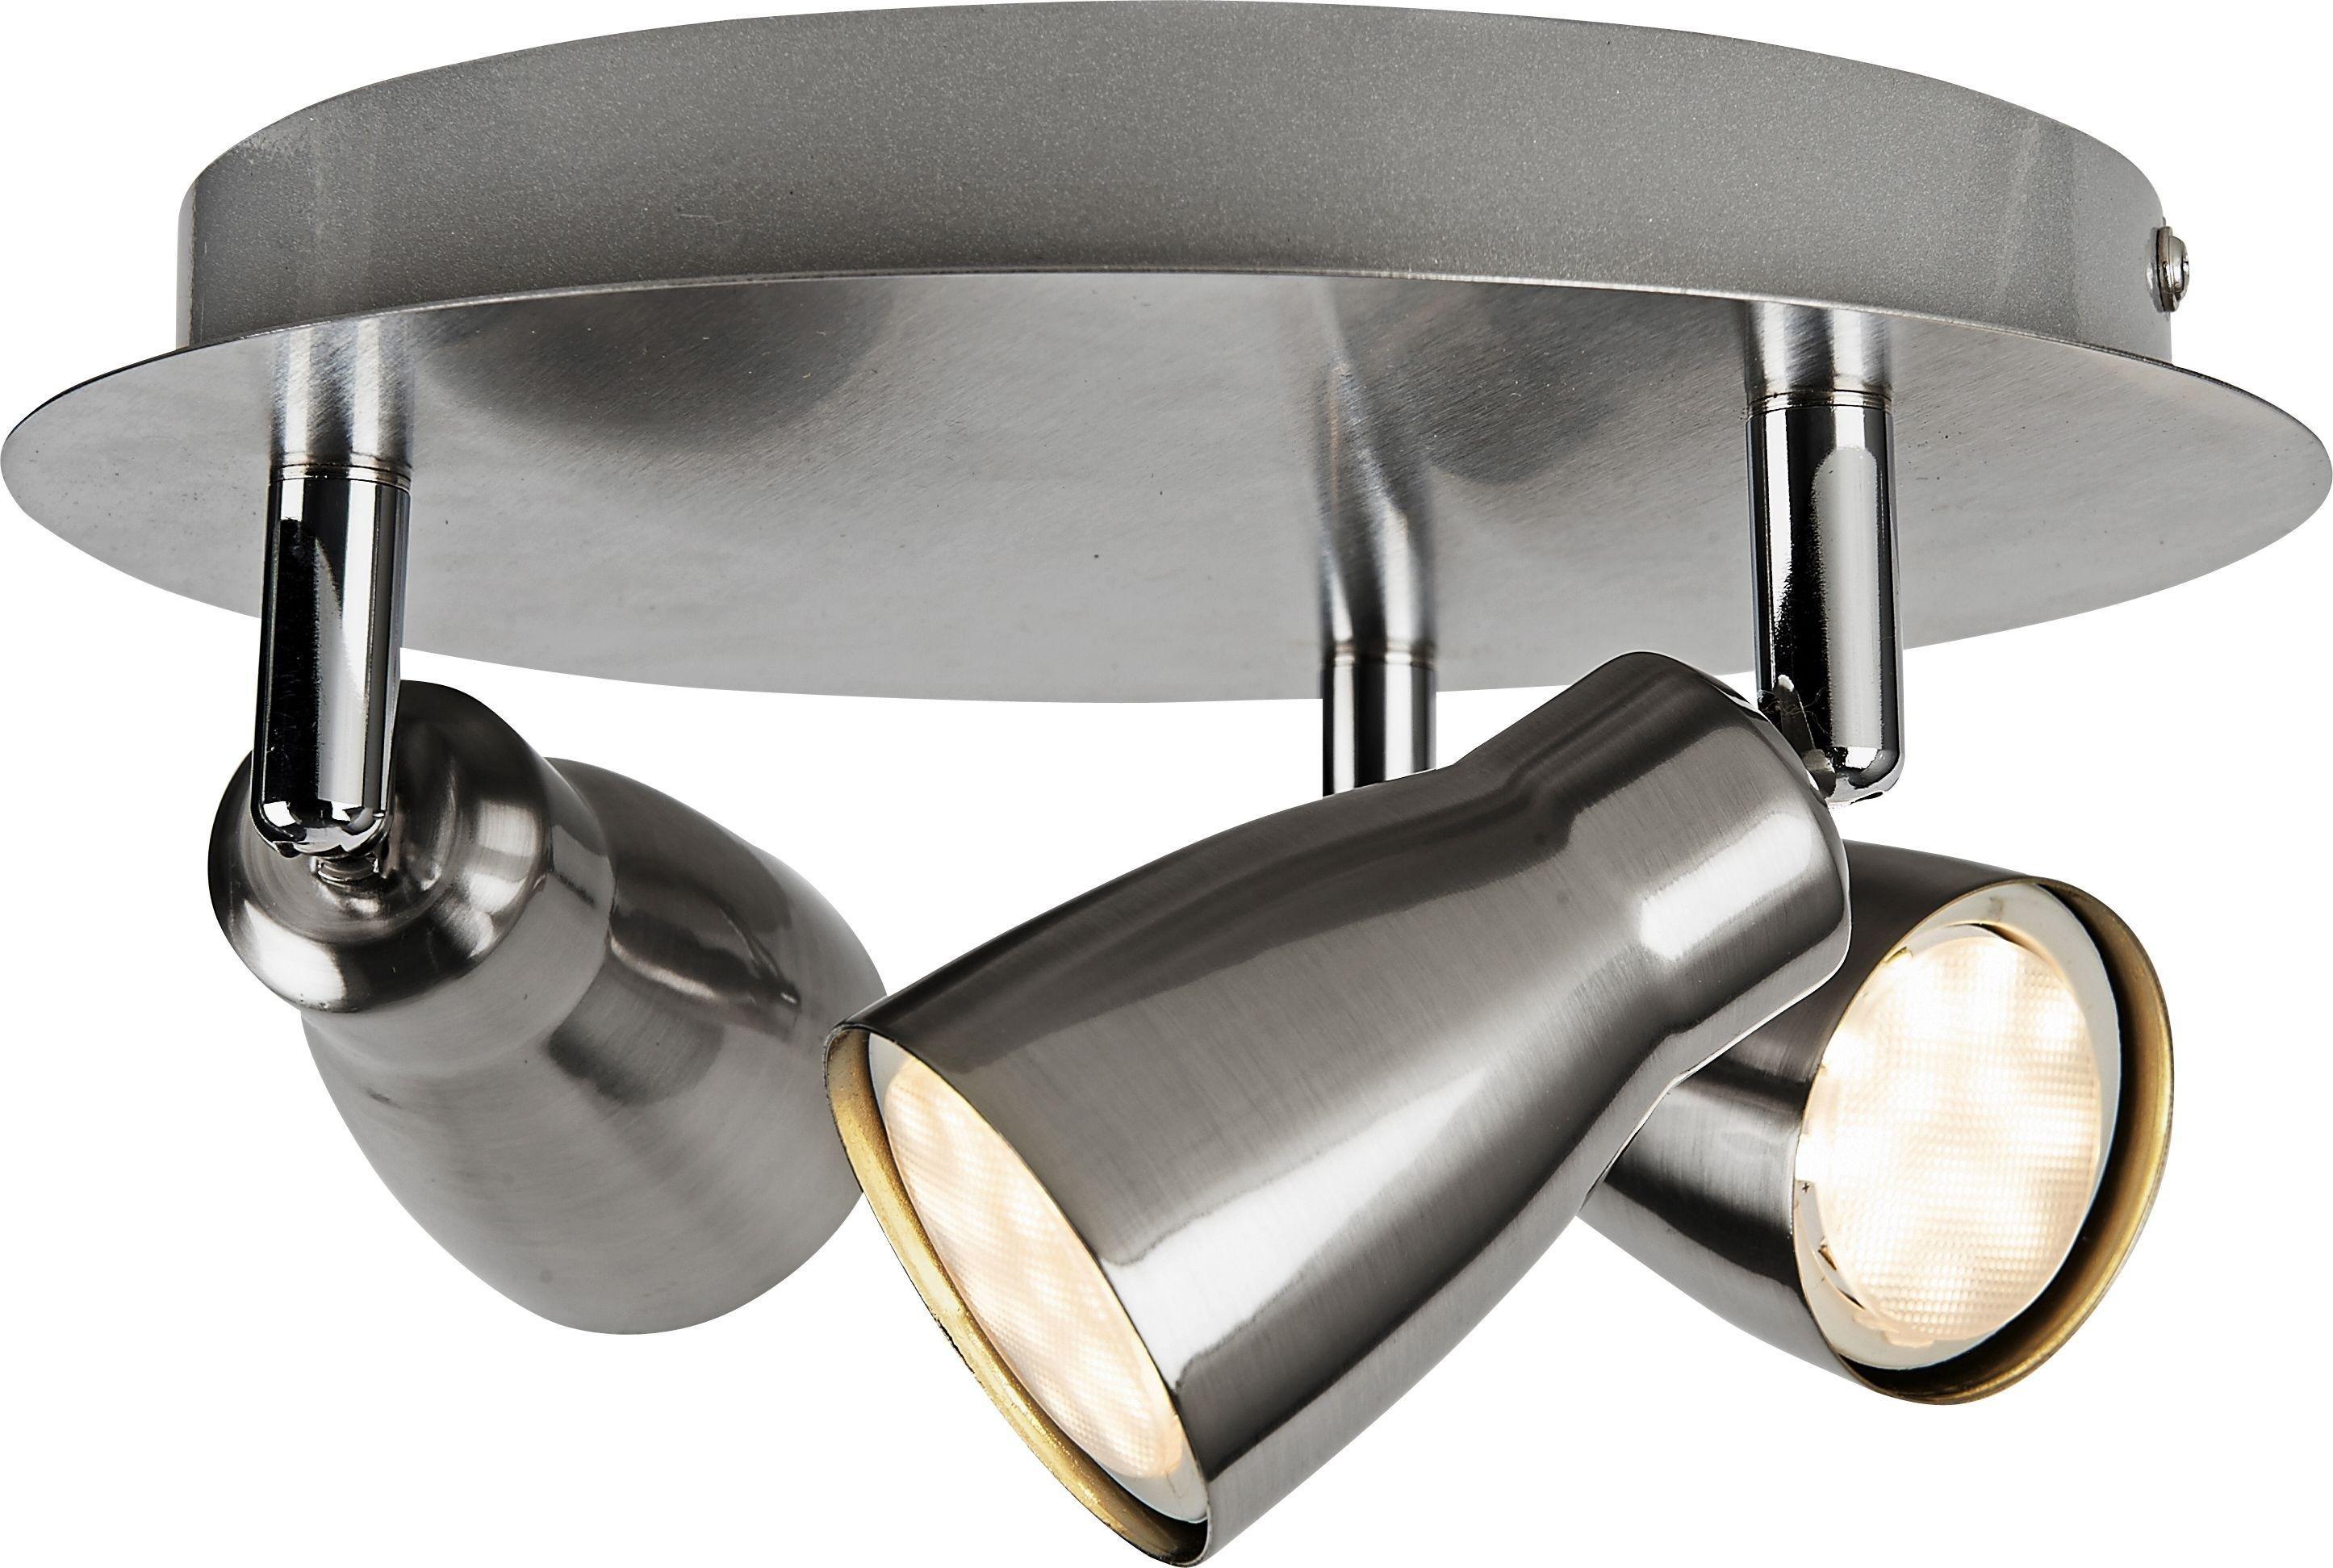 Argos Home - Miller 3 Spotlight Ceiling Plate - Brushed Chrome